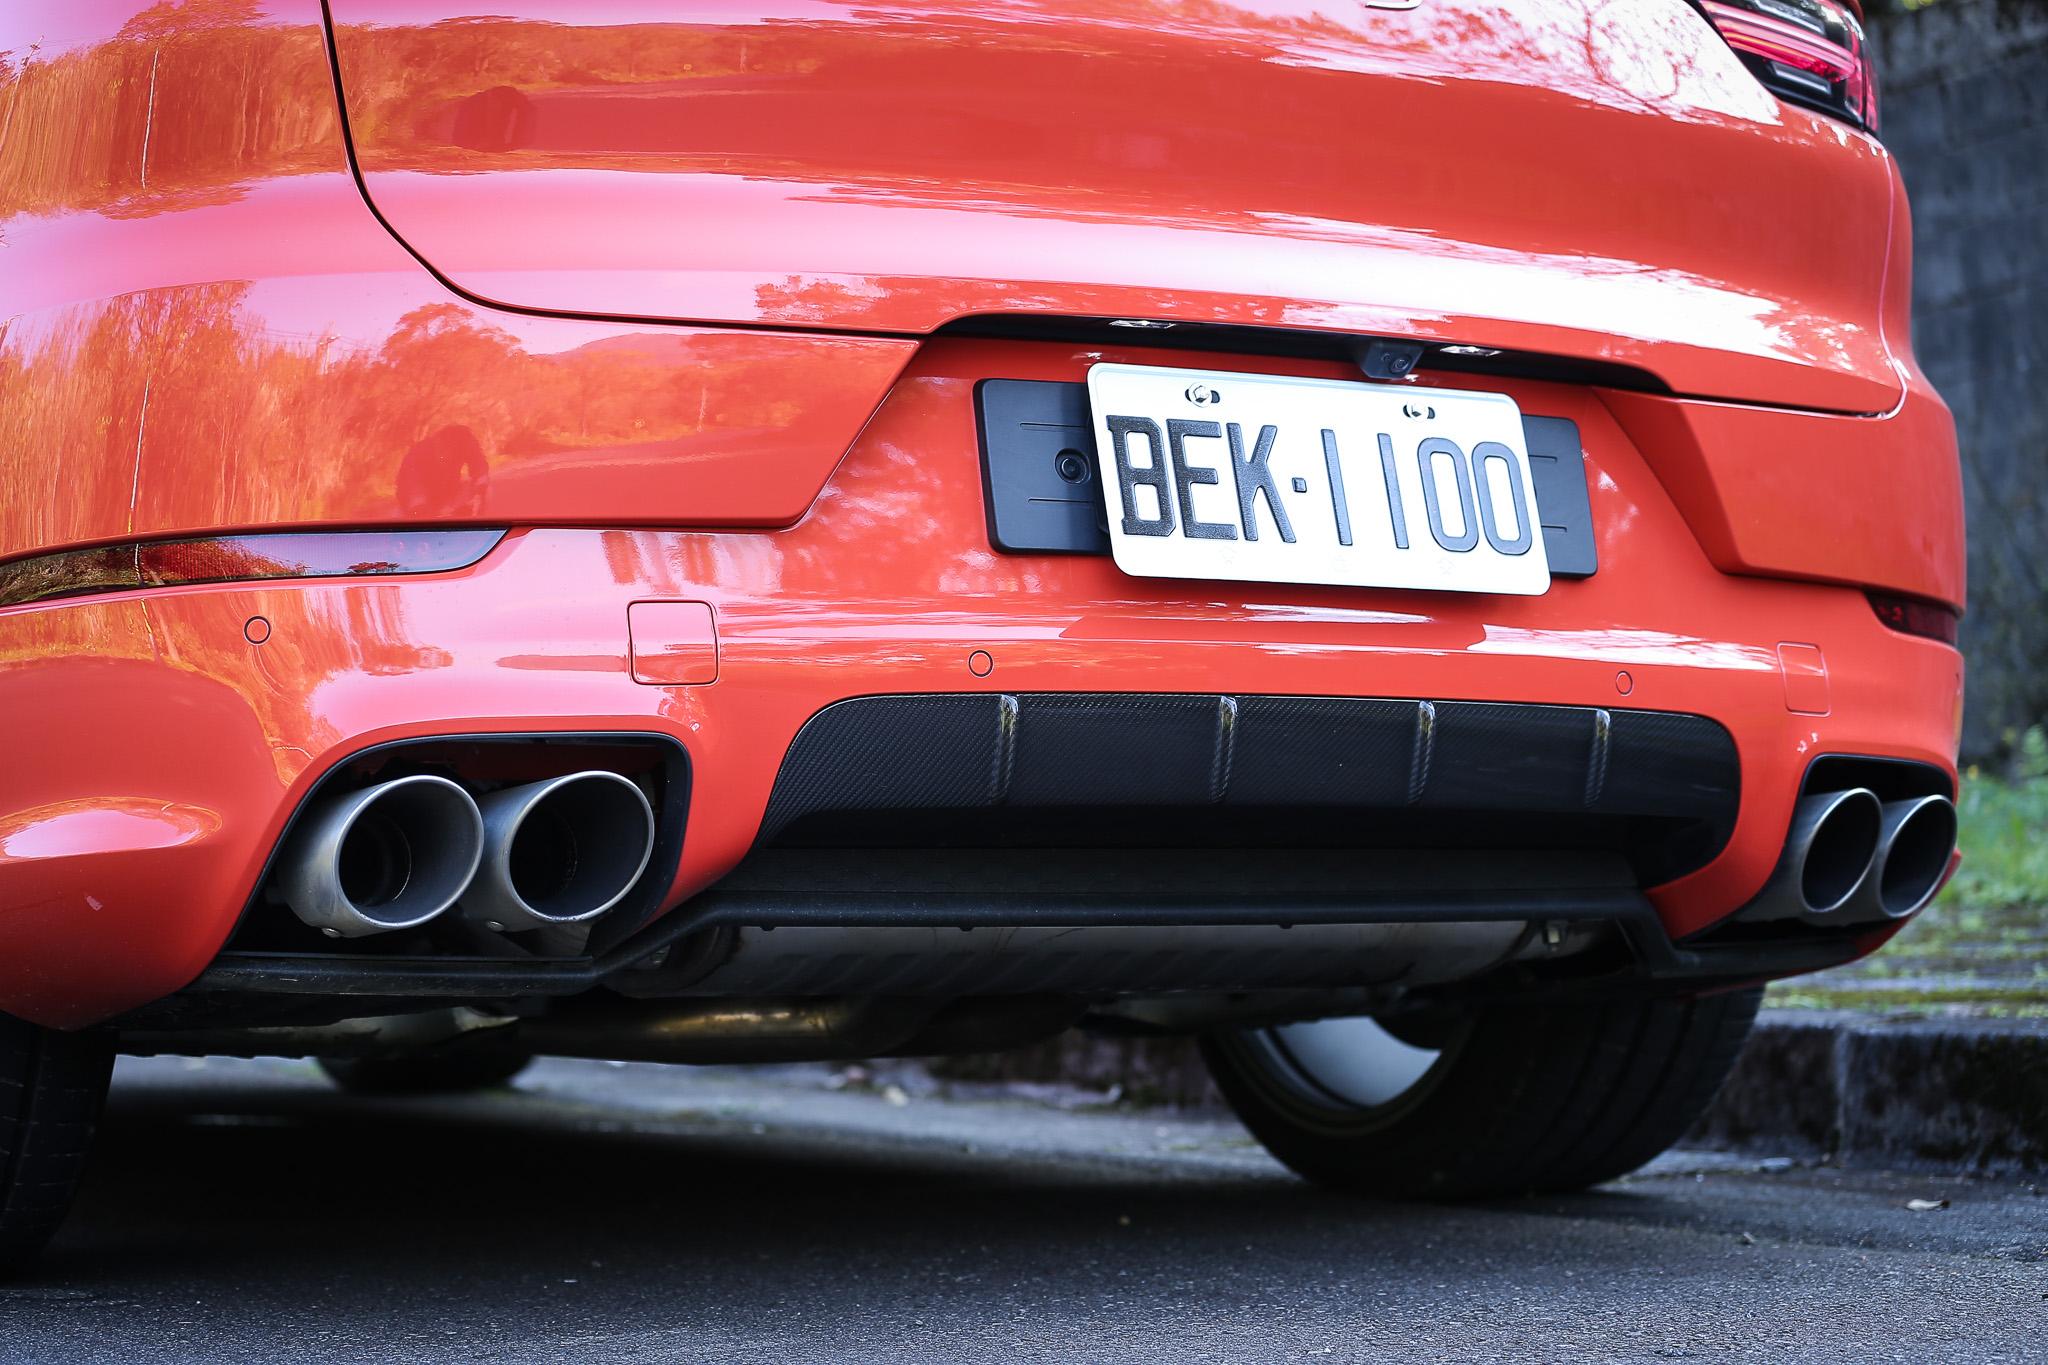 Cayenne S Coupe採取左右雙出排氣尾管配置。